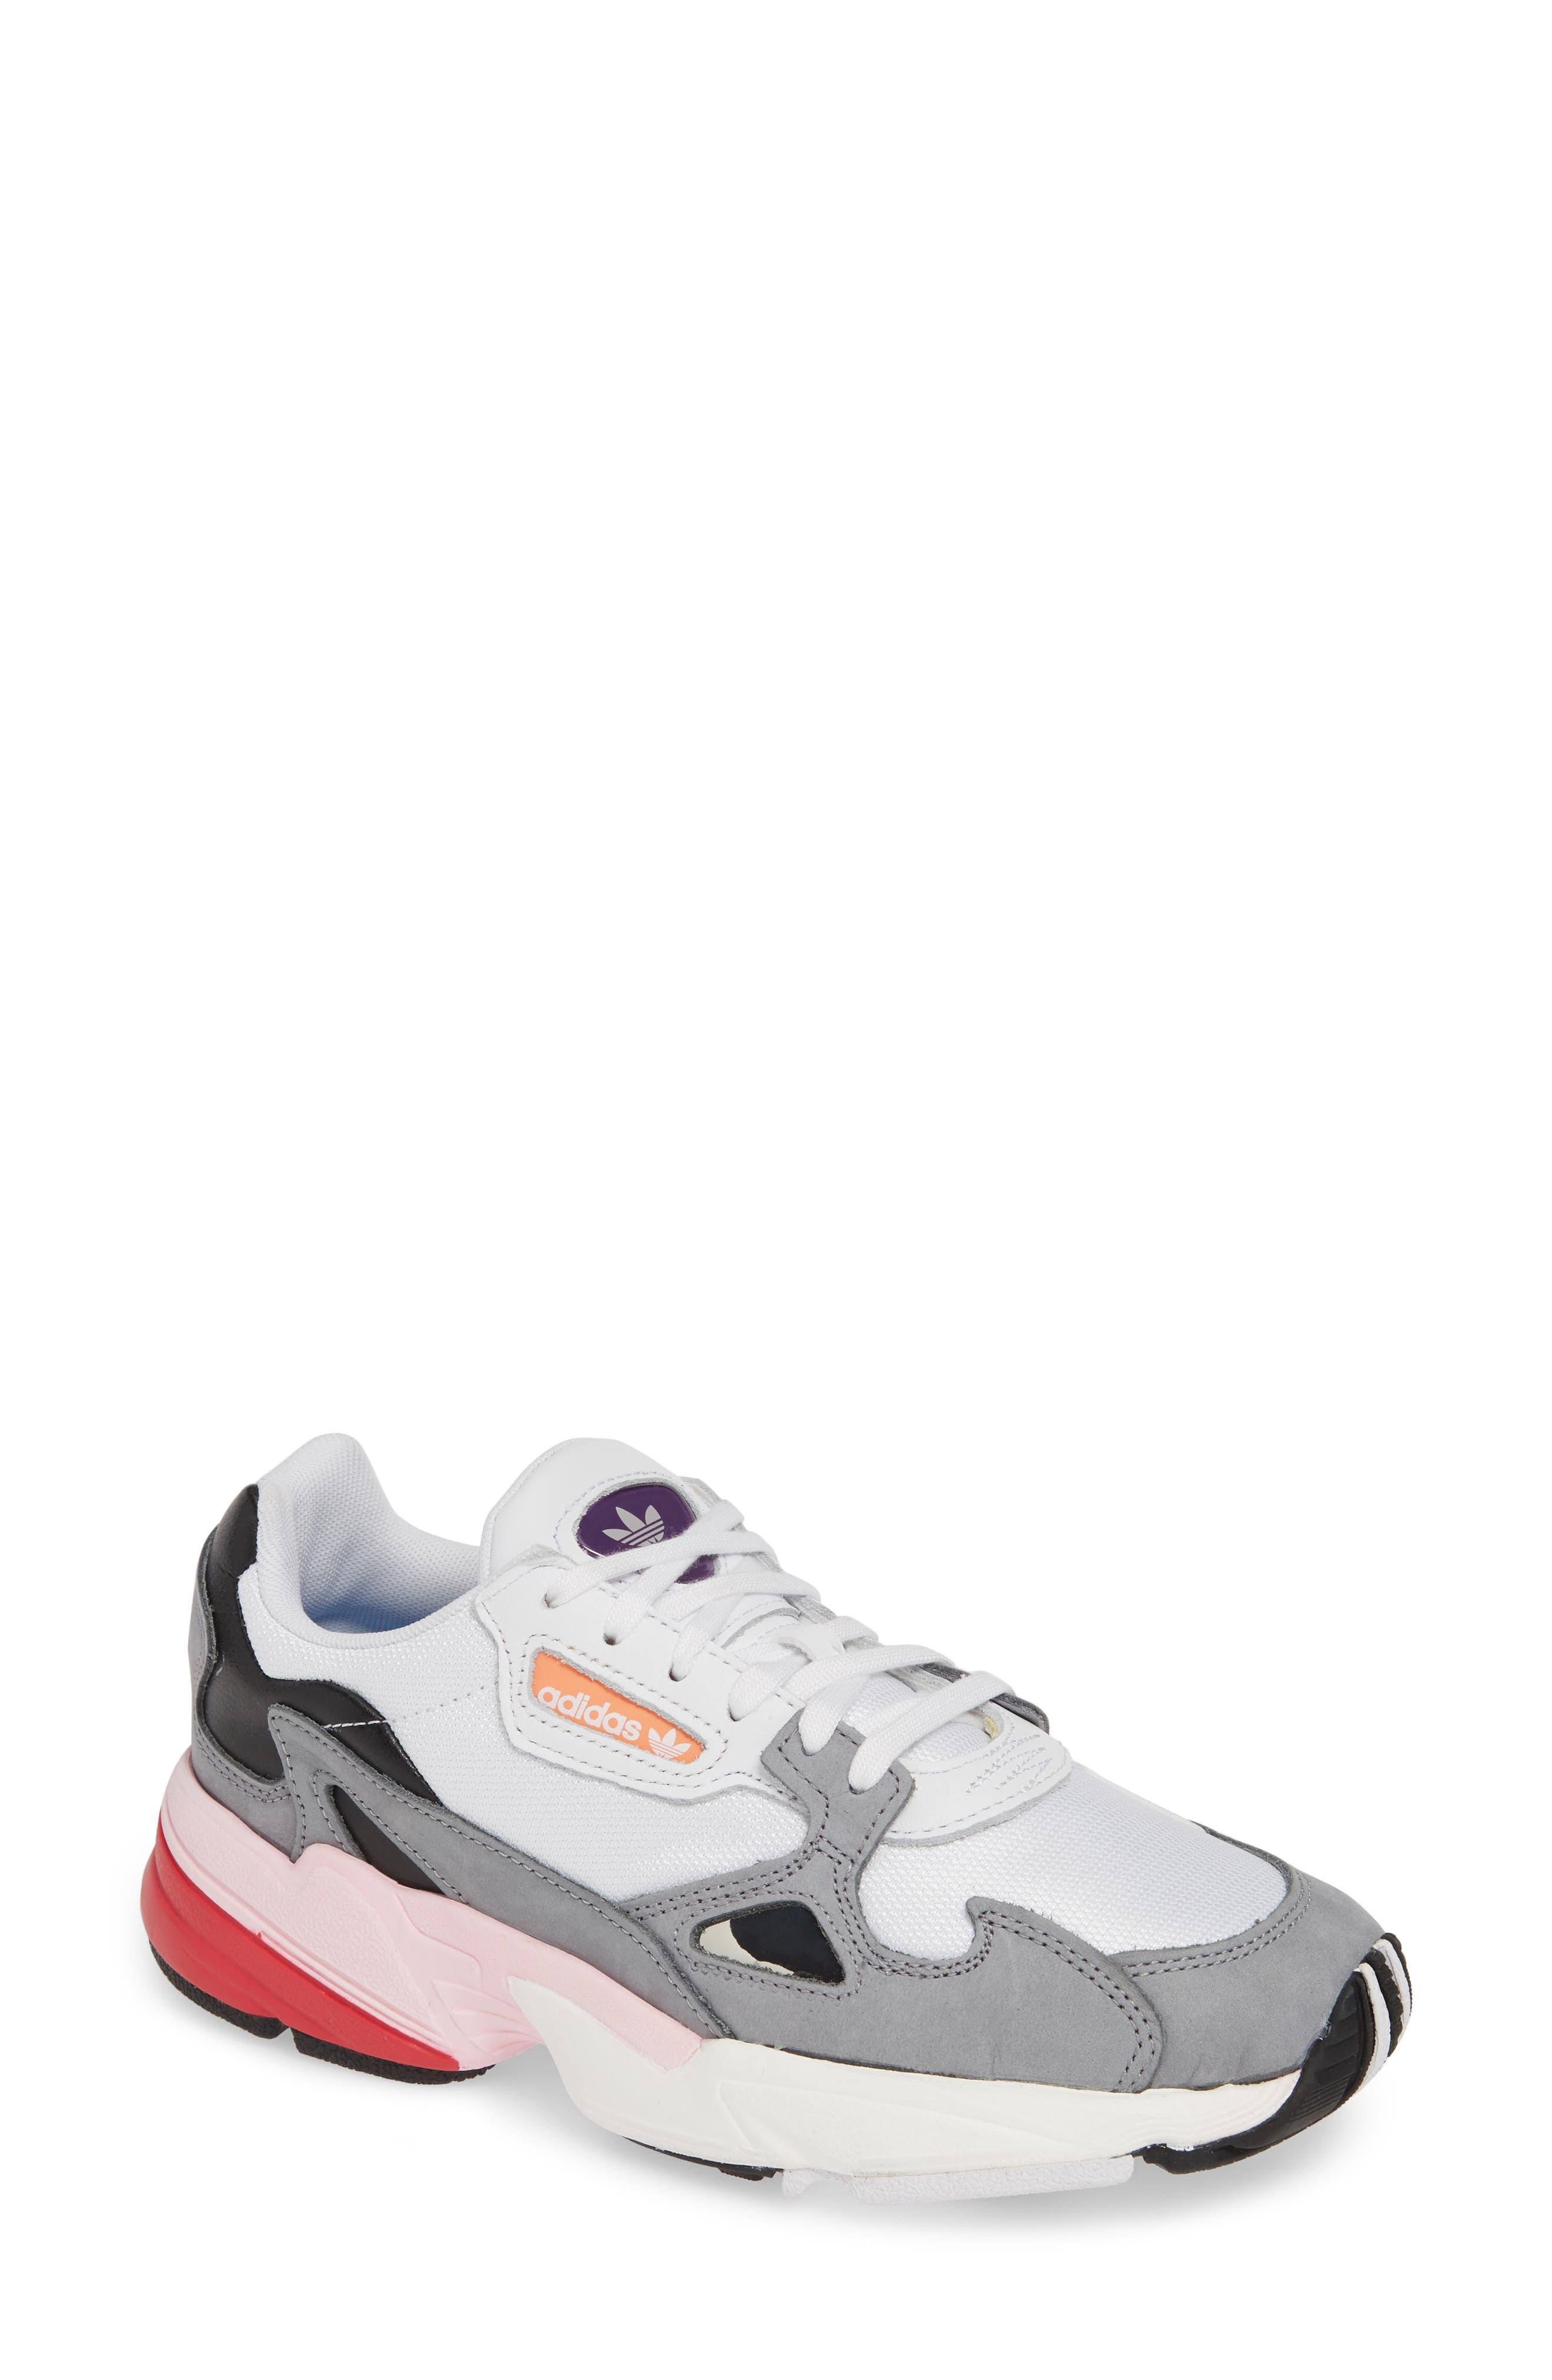 Adidas Falcon Sneaker, Grey